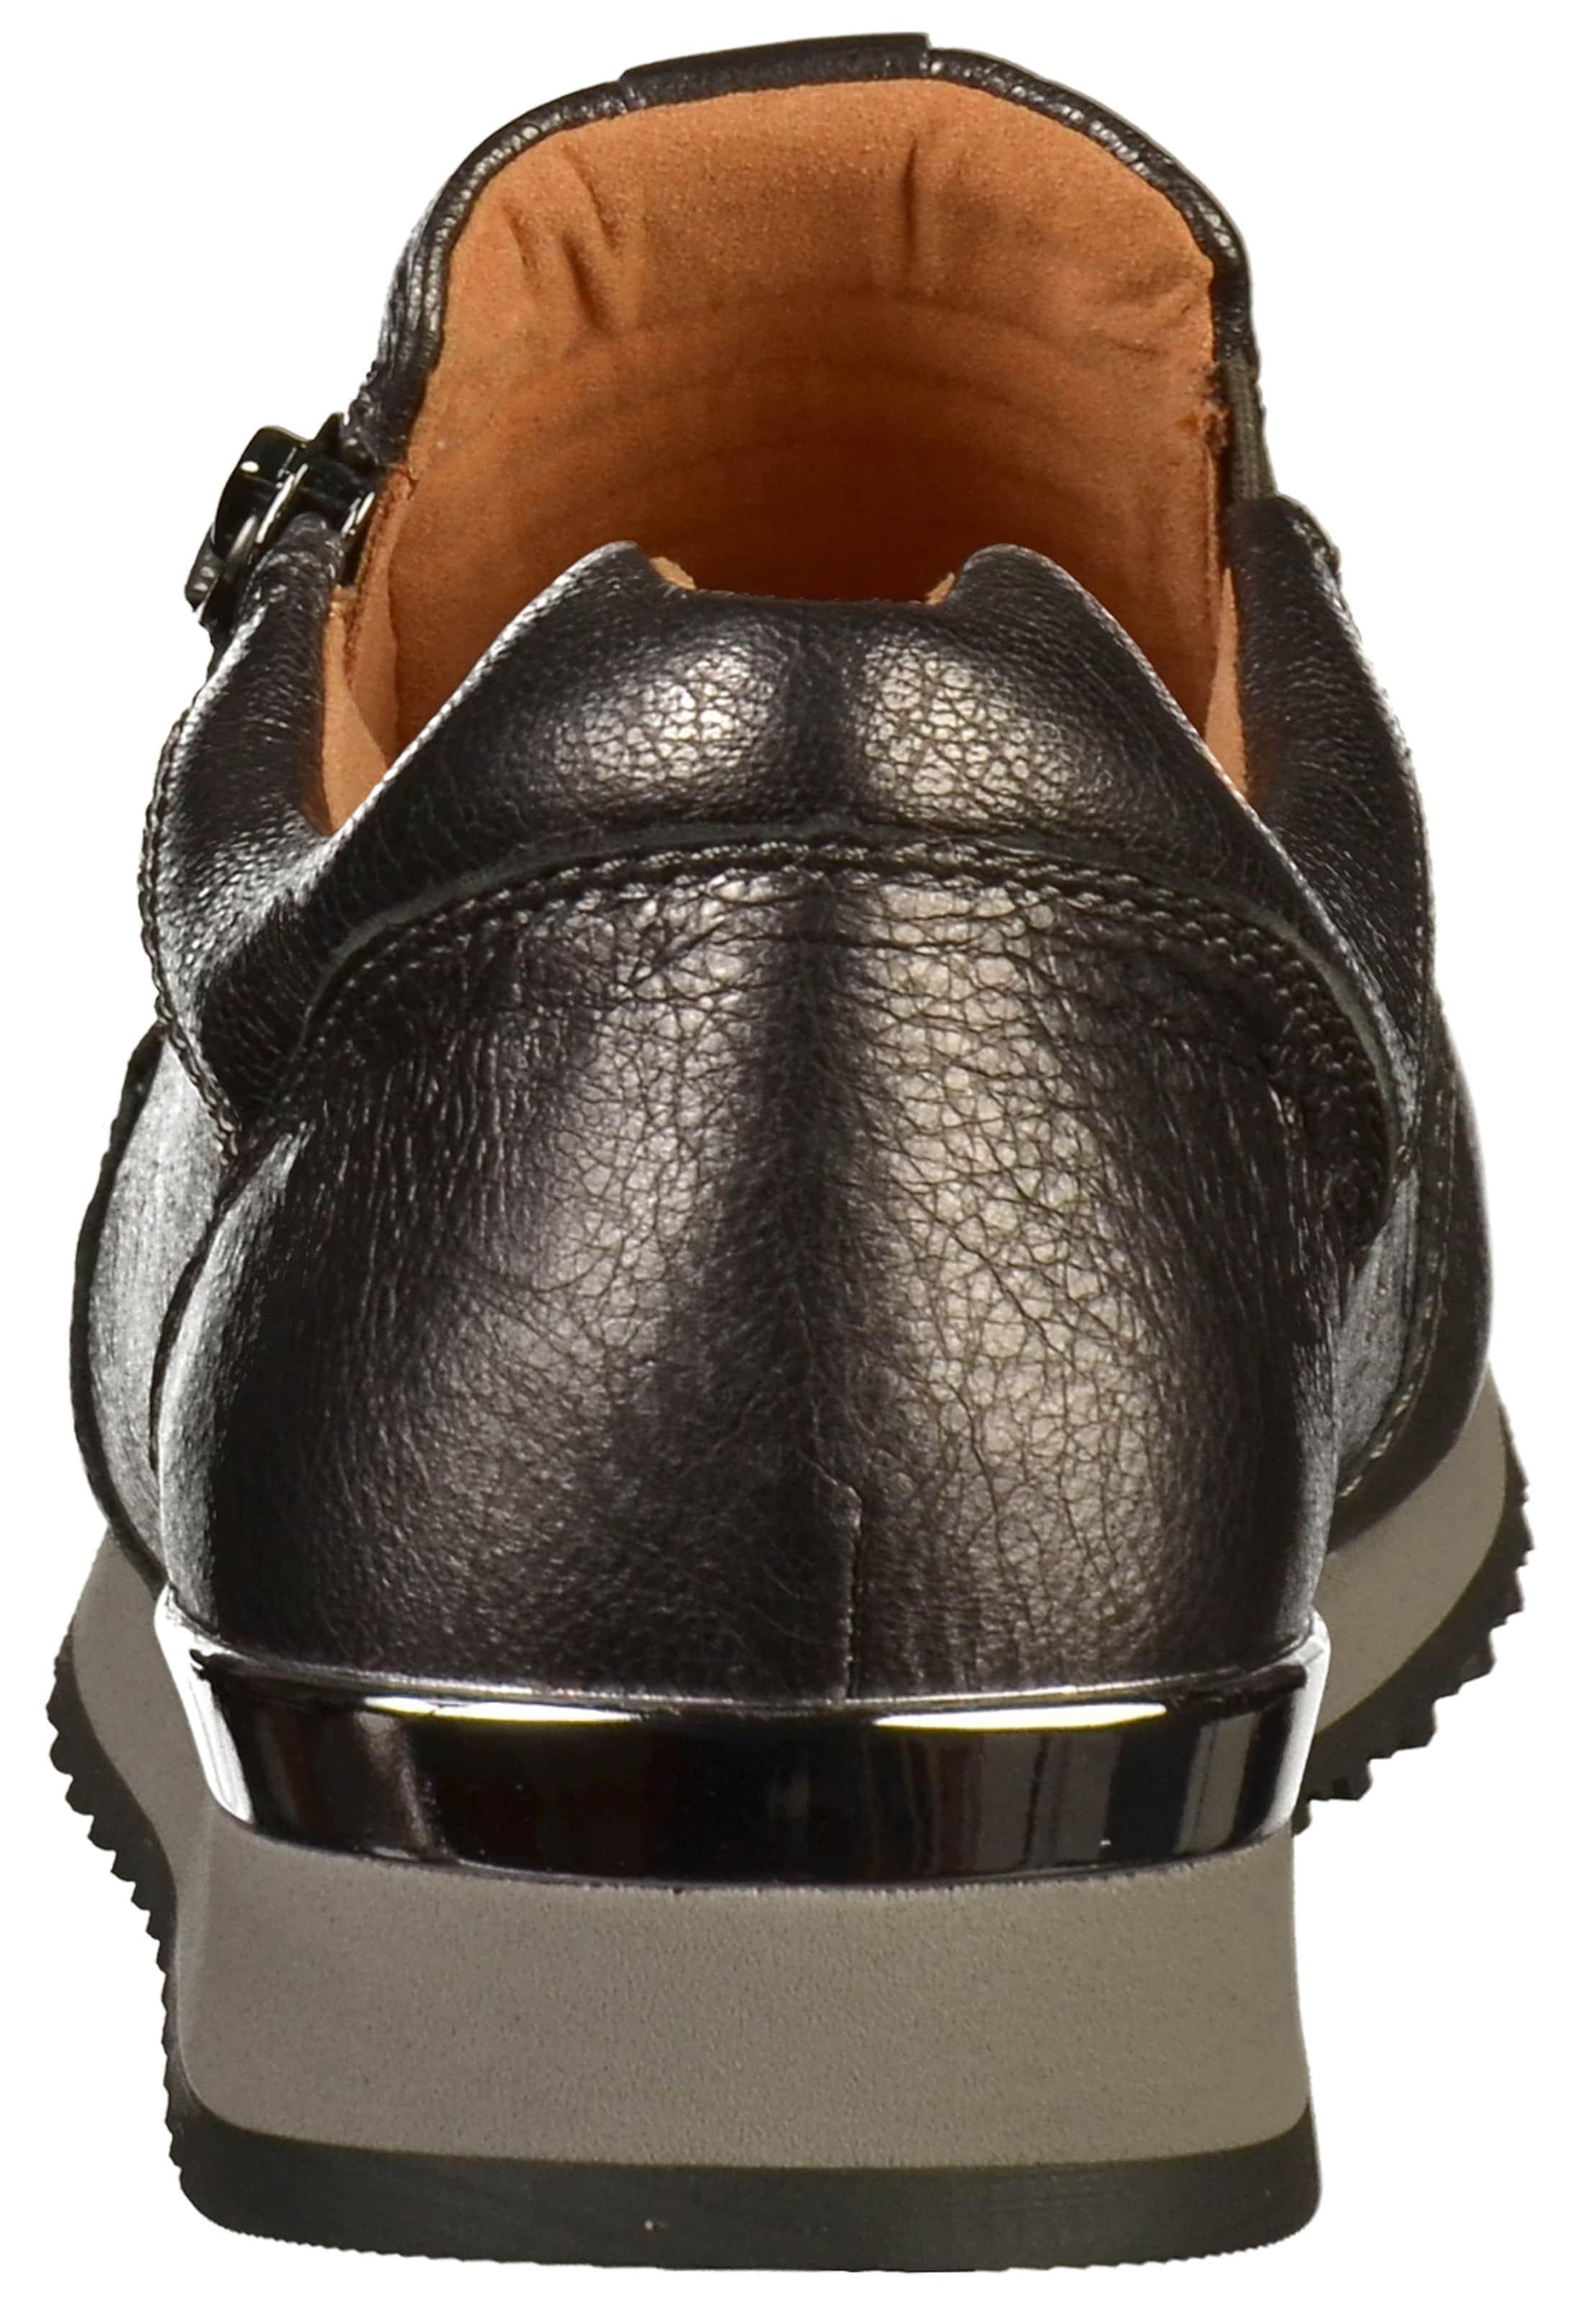 Caprice Slipper Slipper In Caprice In Silbergrau R435AjL